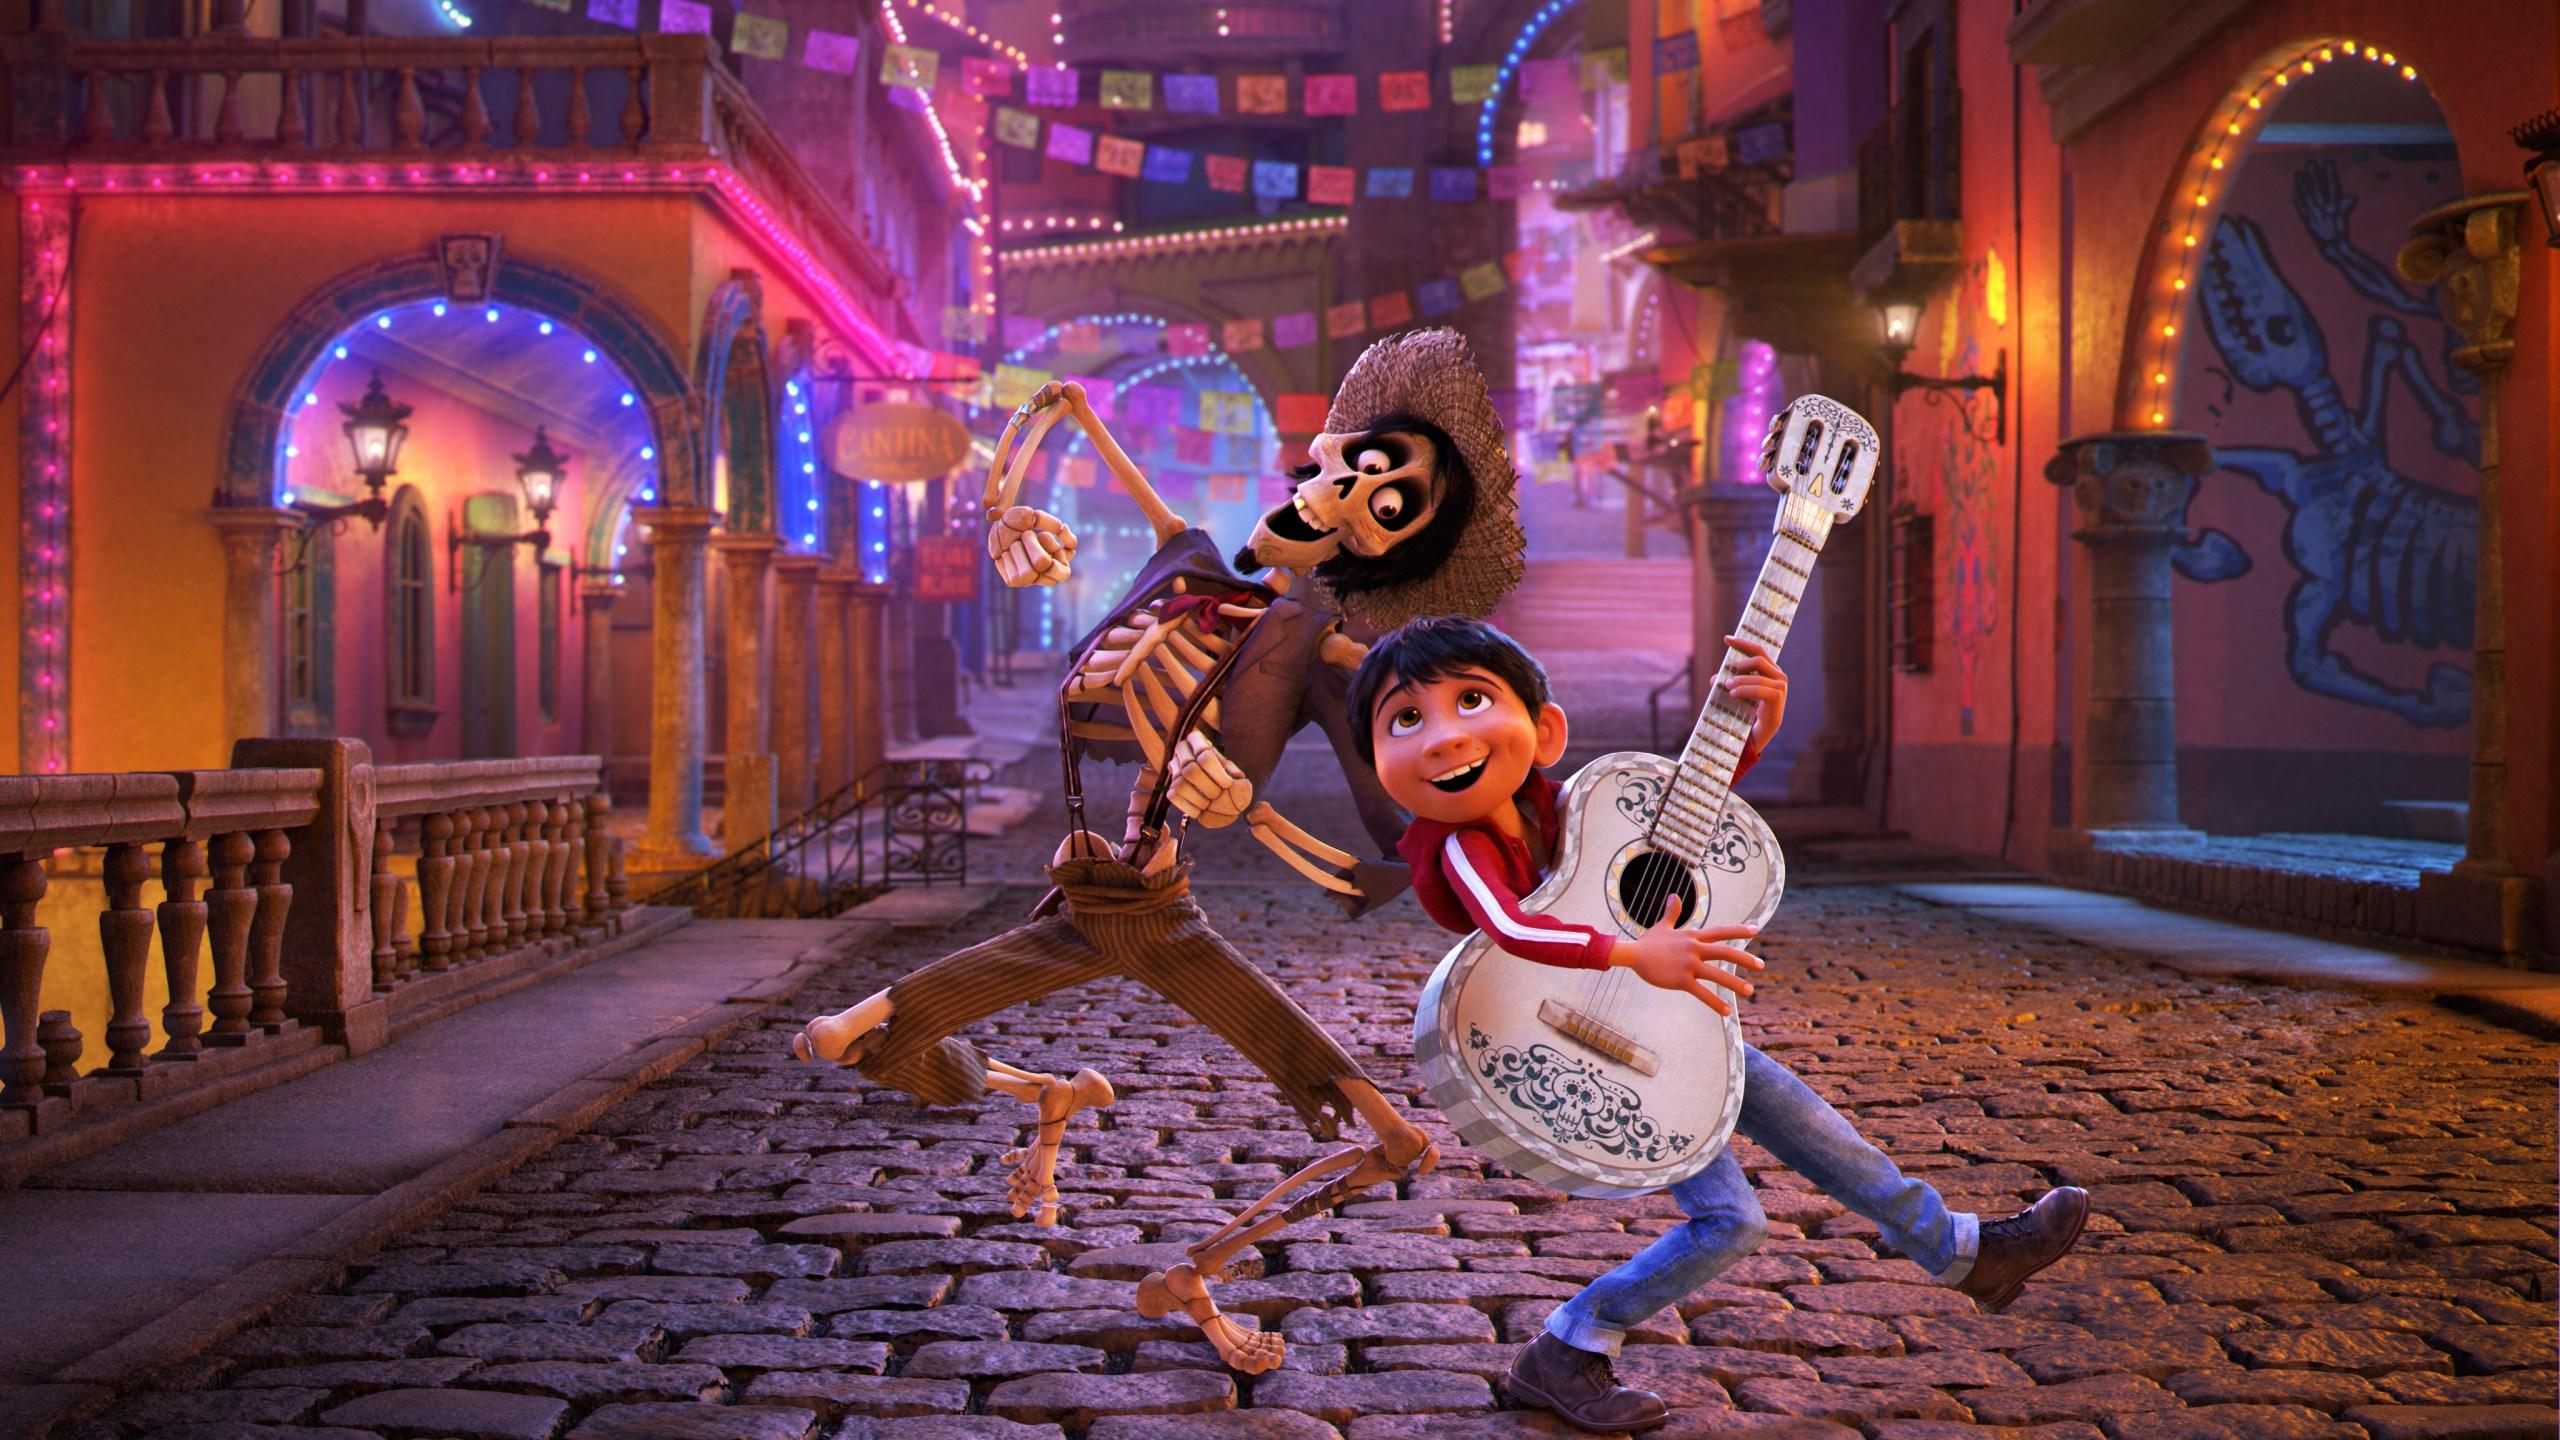 Coco film Pixar AP-846624087